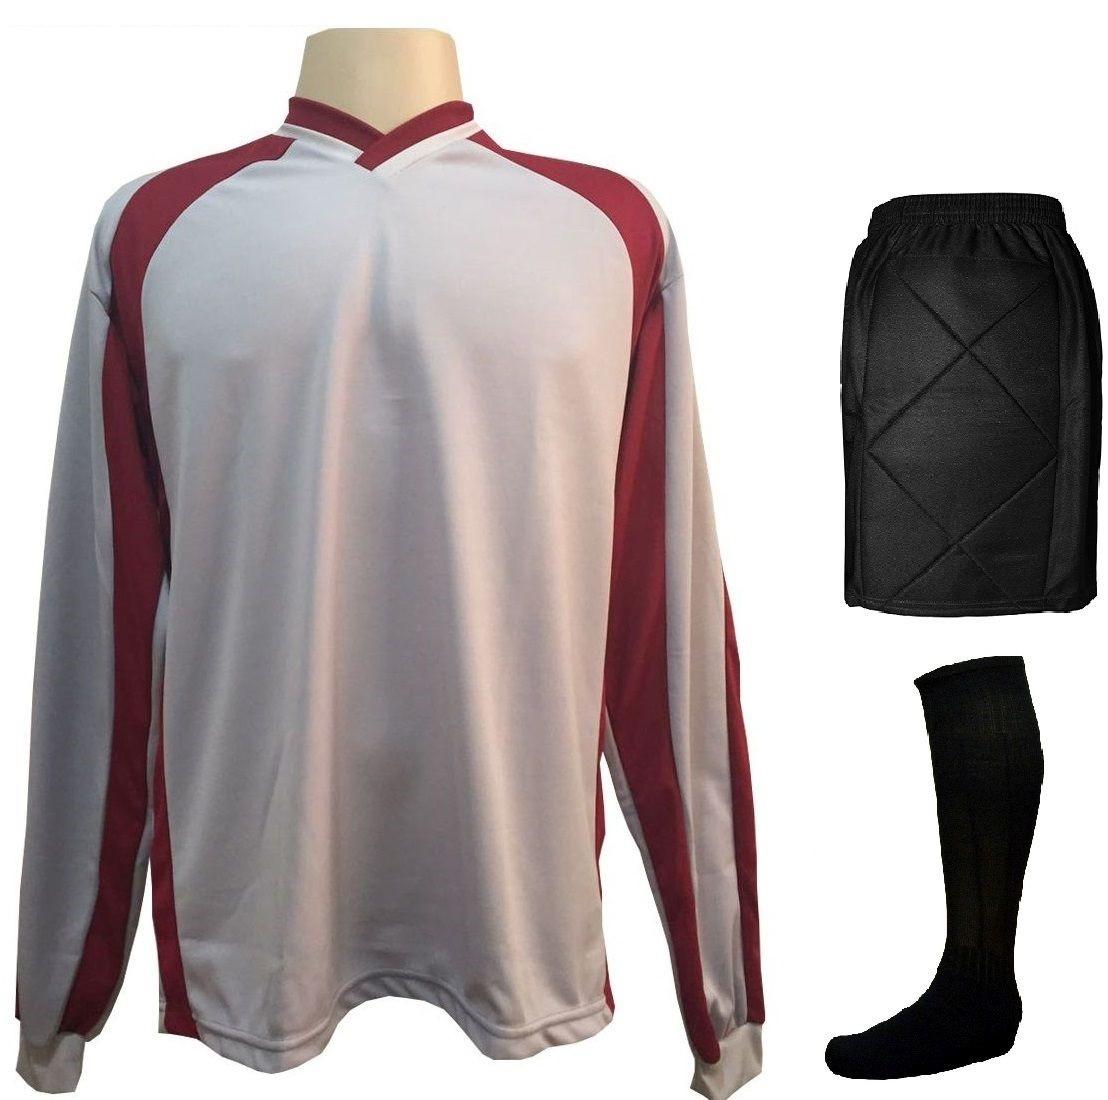 Uniforme Completo modelo Roma 18+2 (18 Camisas Royal/Preto + 18 Calções Madrid Preto + 18 Pares de Meiões Pretos + 2 Conjuntos de Goleiro) + Brindes